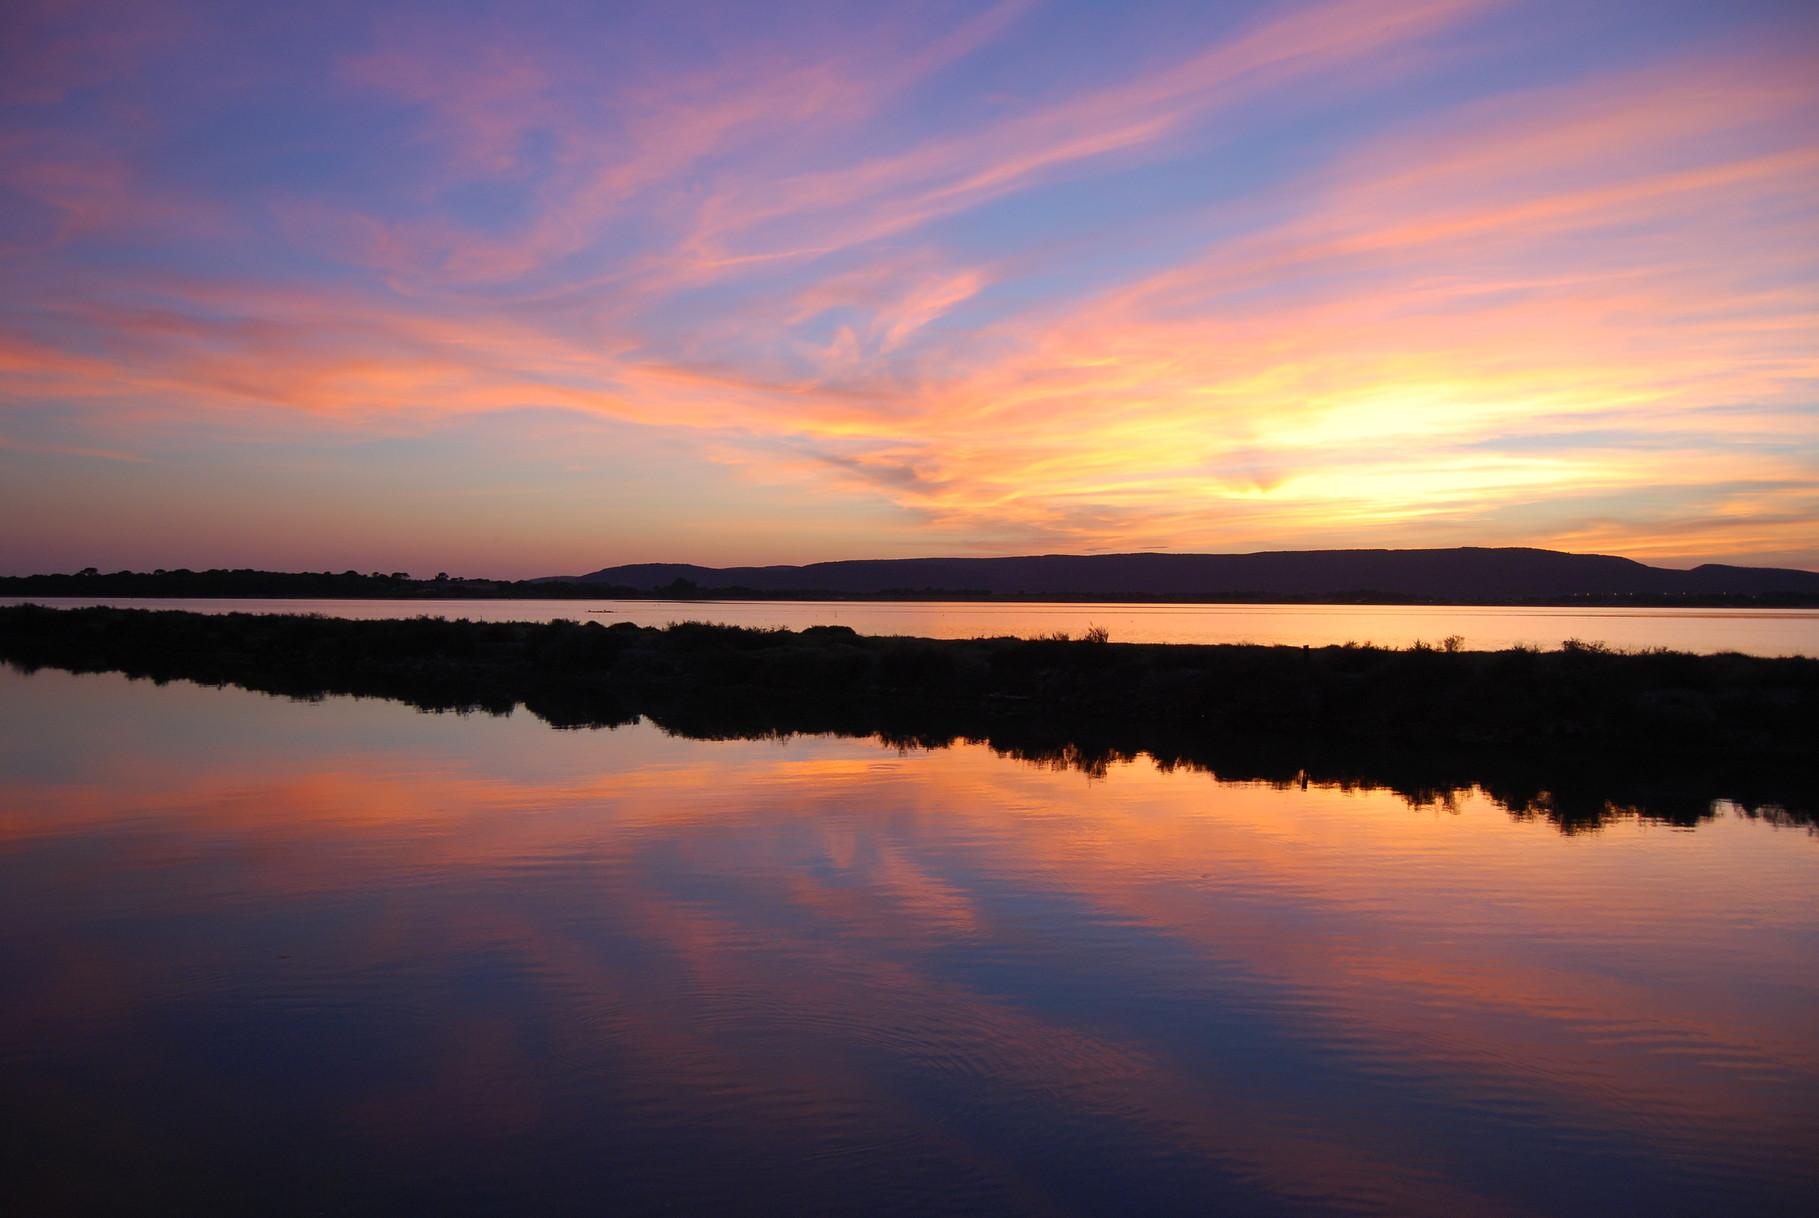 Sonnenuntergang in der Camargue